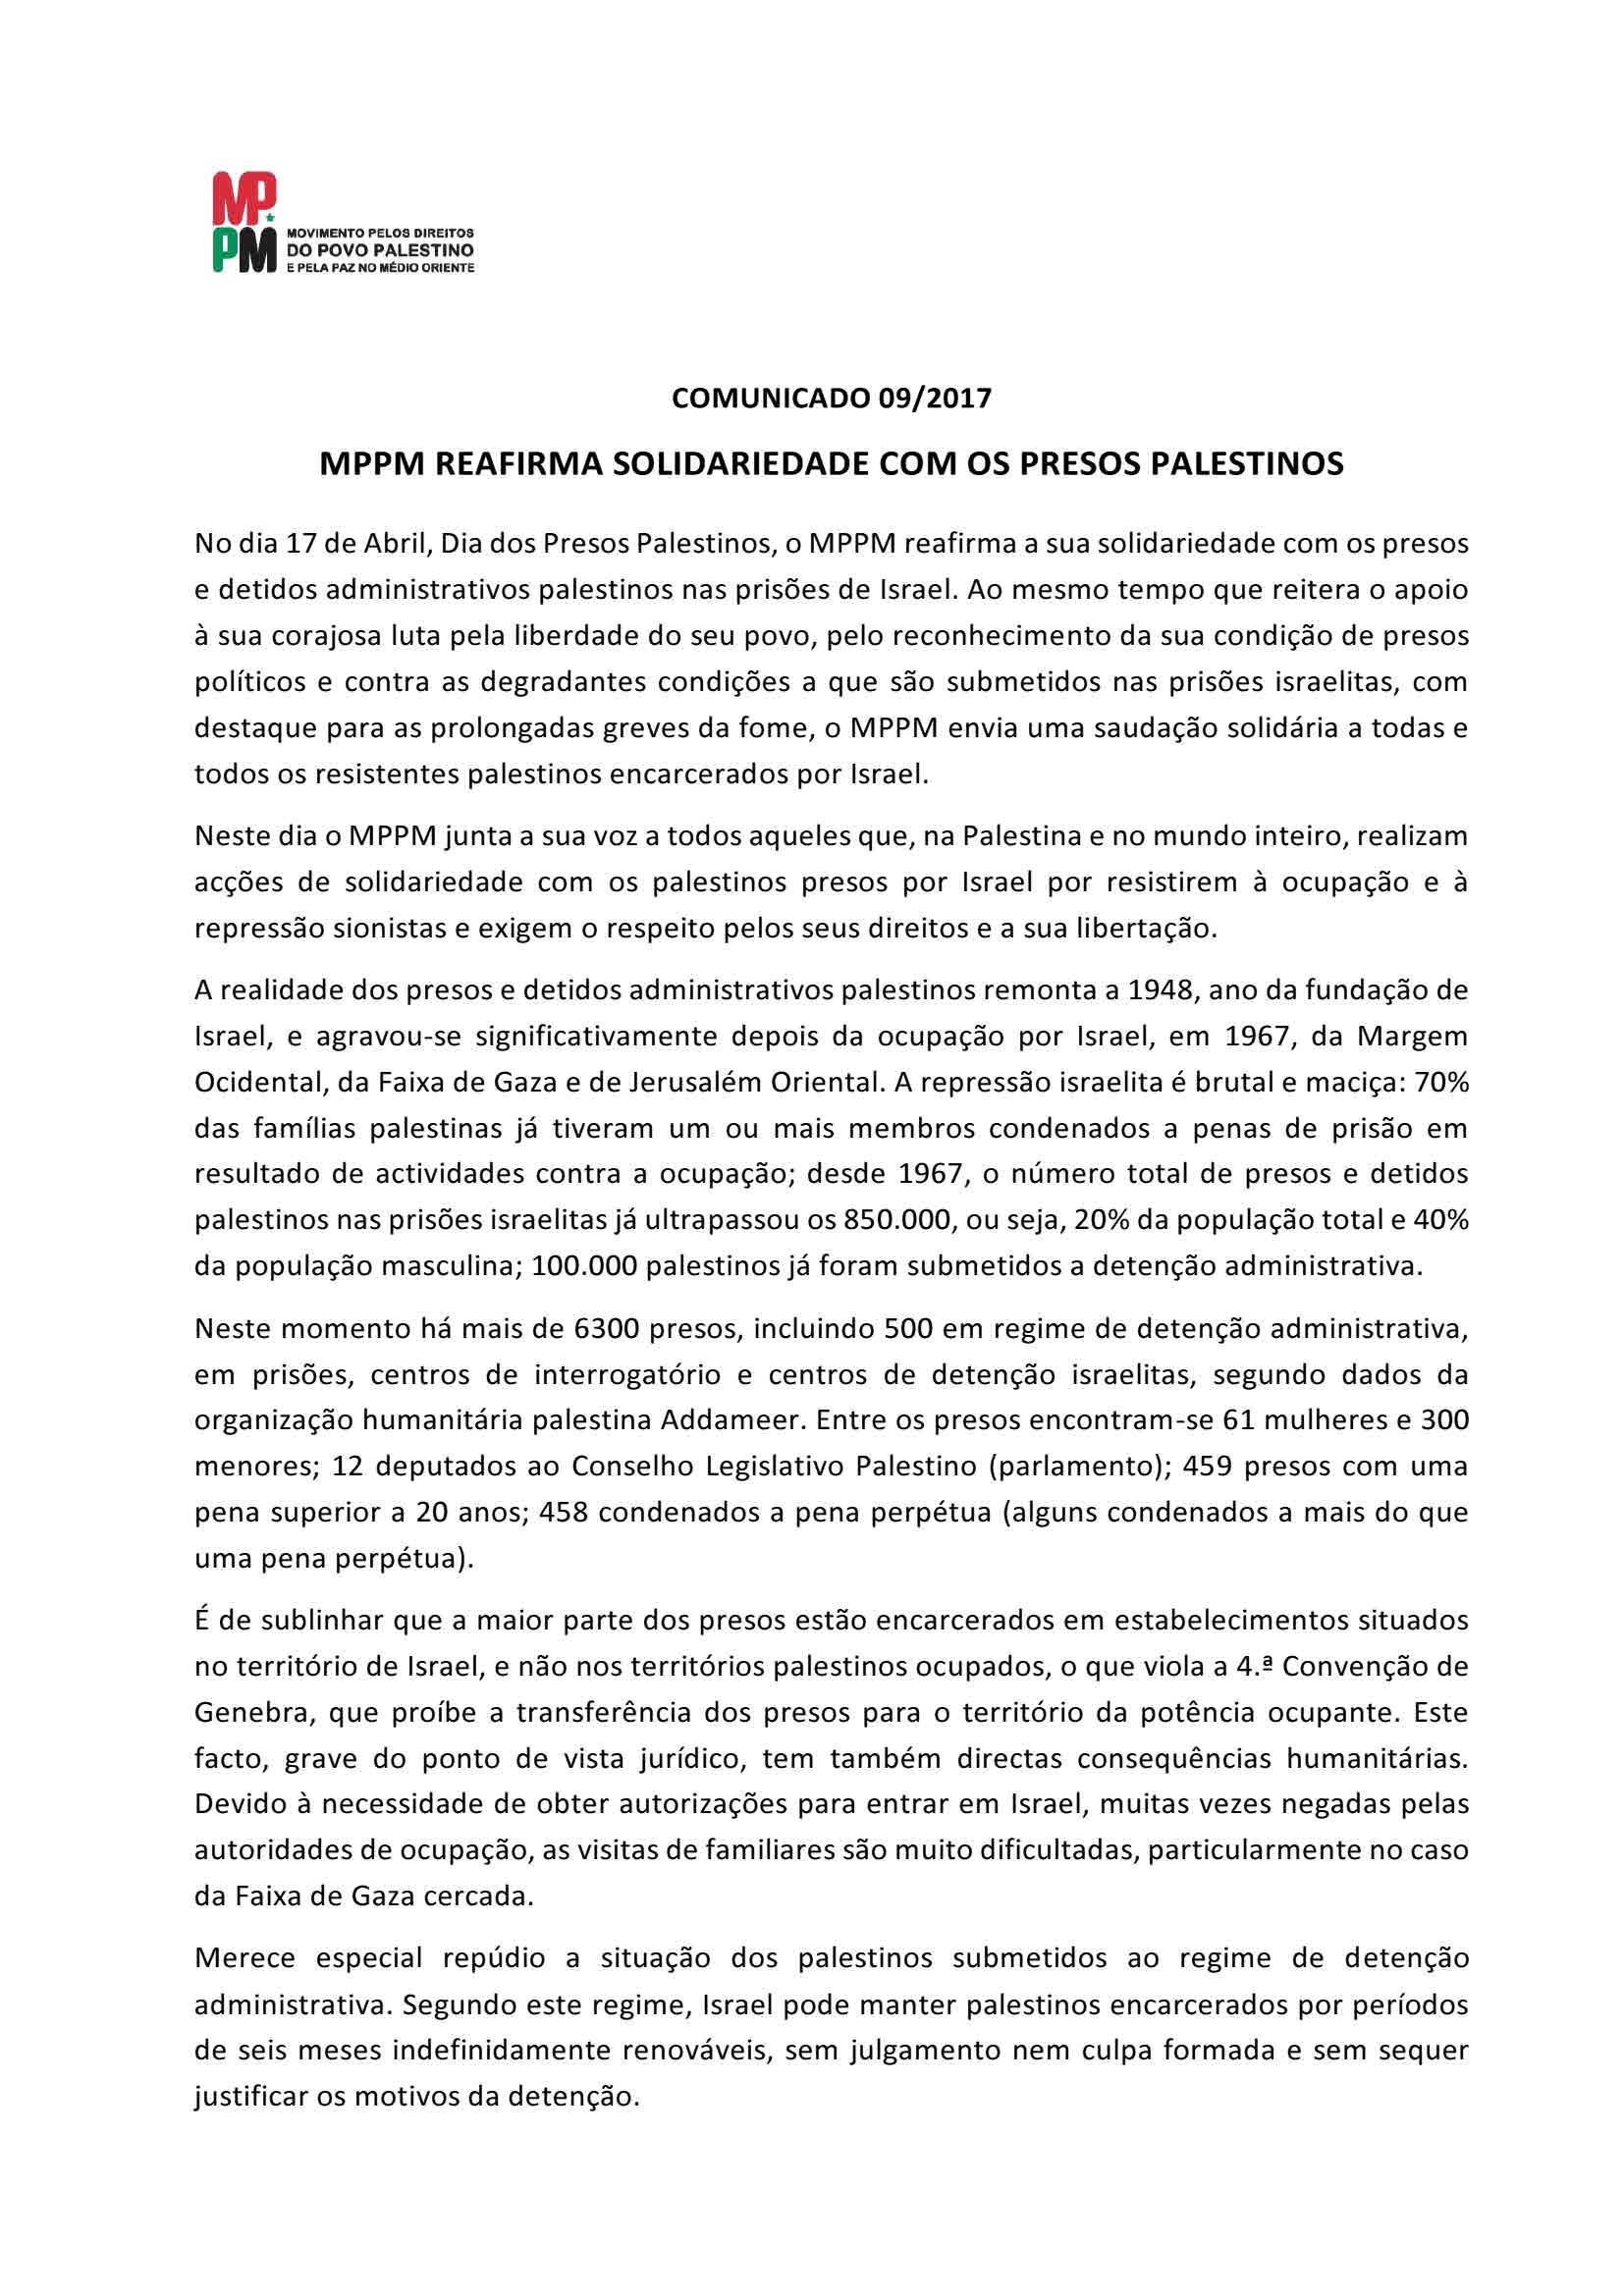 Comunicado 09-2017 – MPPM reafirma solidariedade com presos palestinos